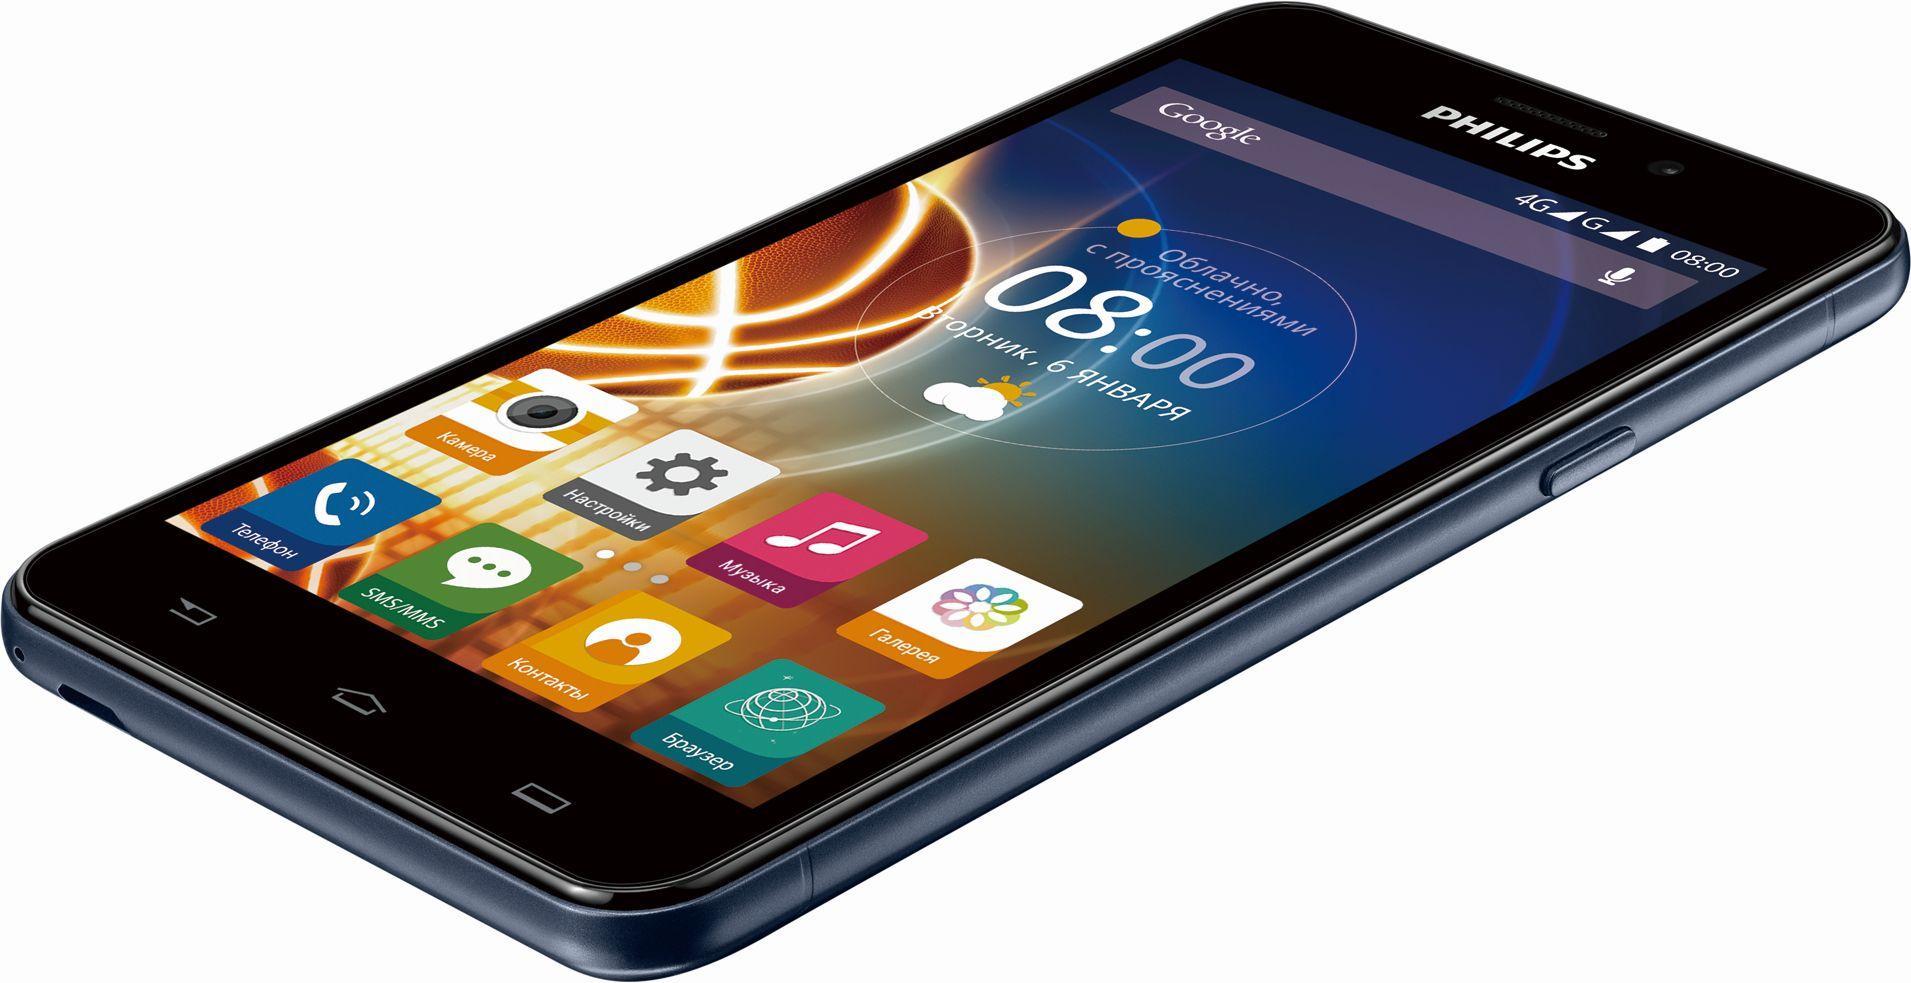 ВСовфеде одобрили обязательную регистрацию телефонов покоду IMEI